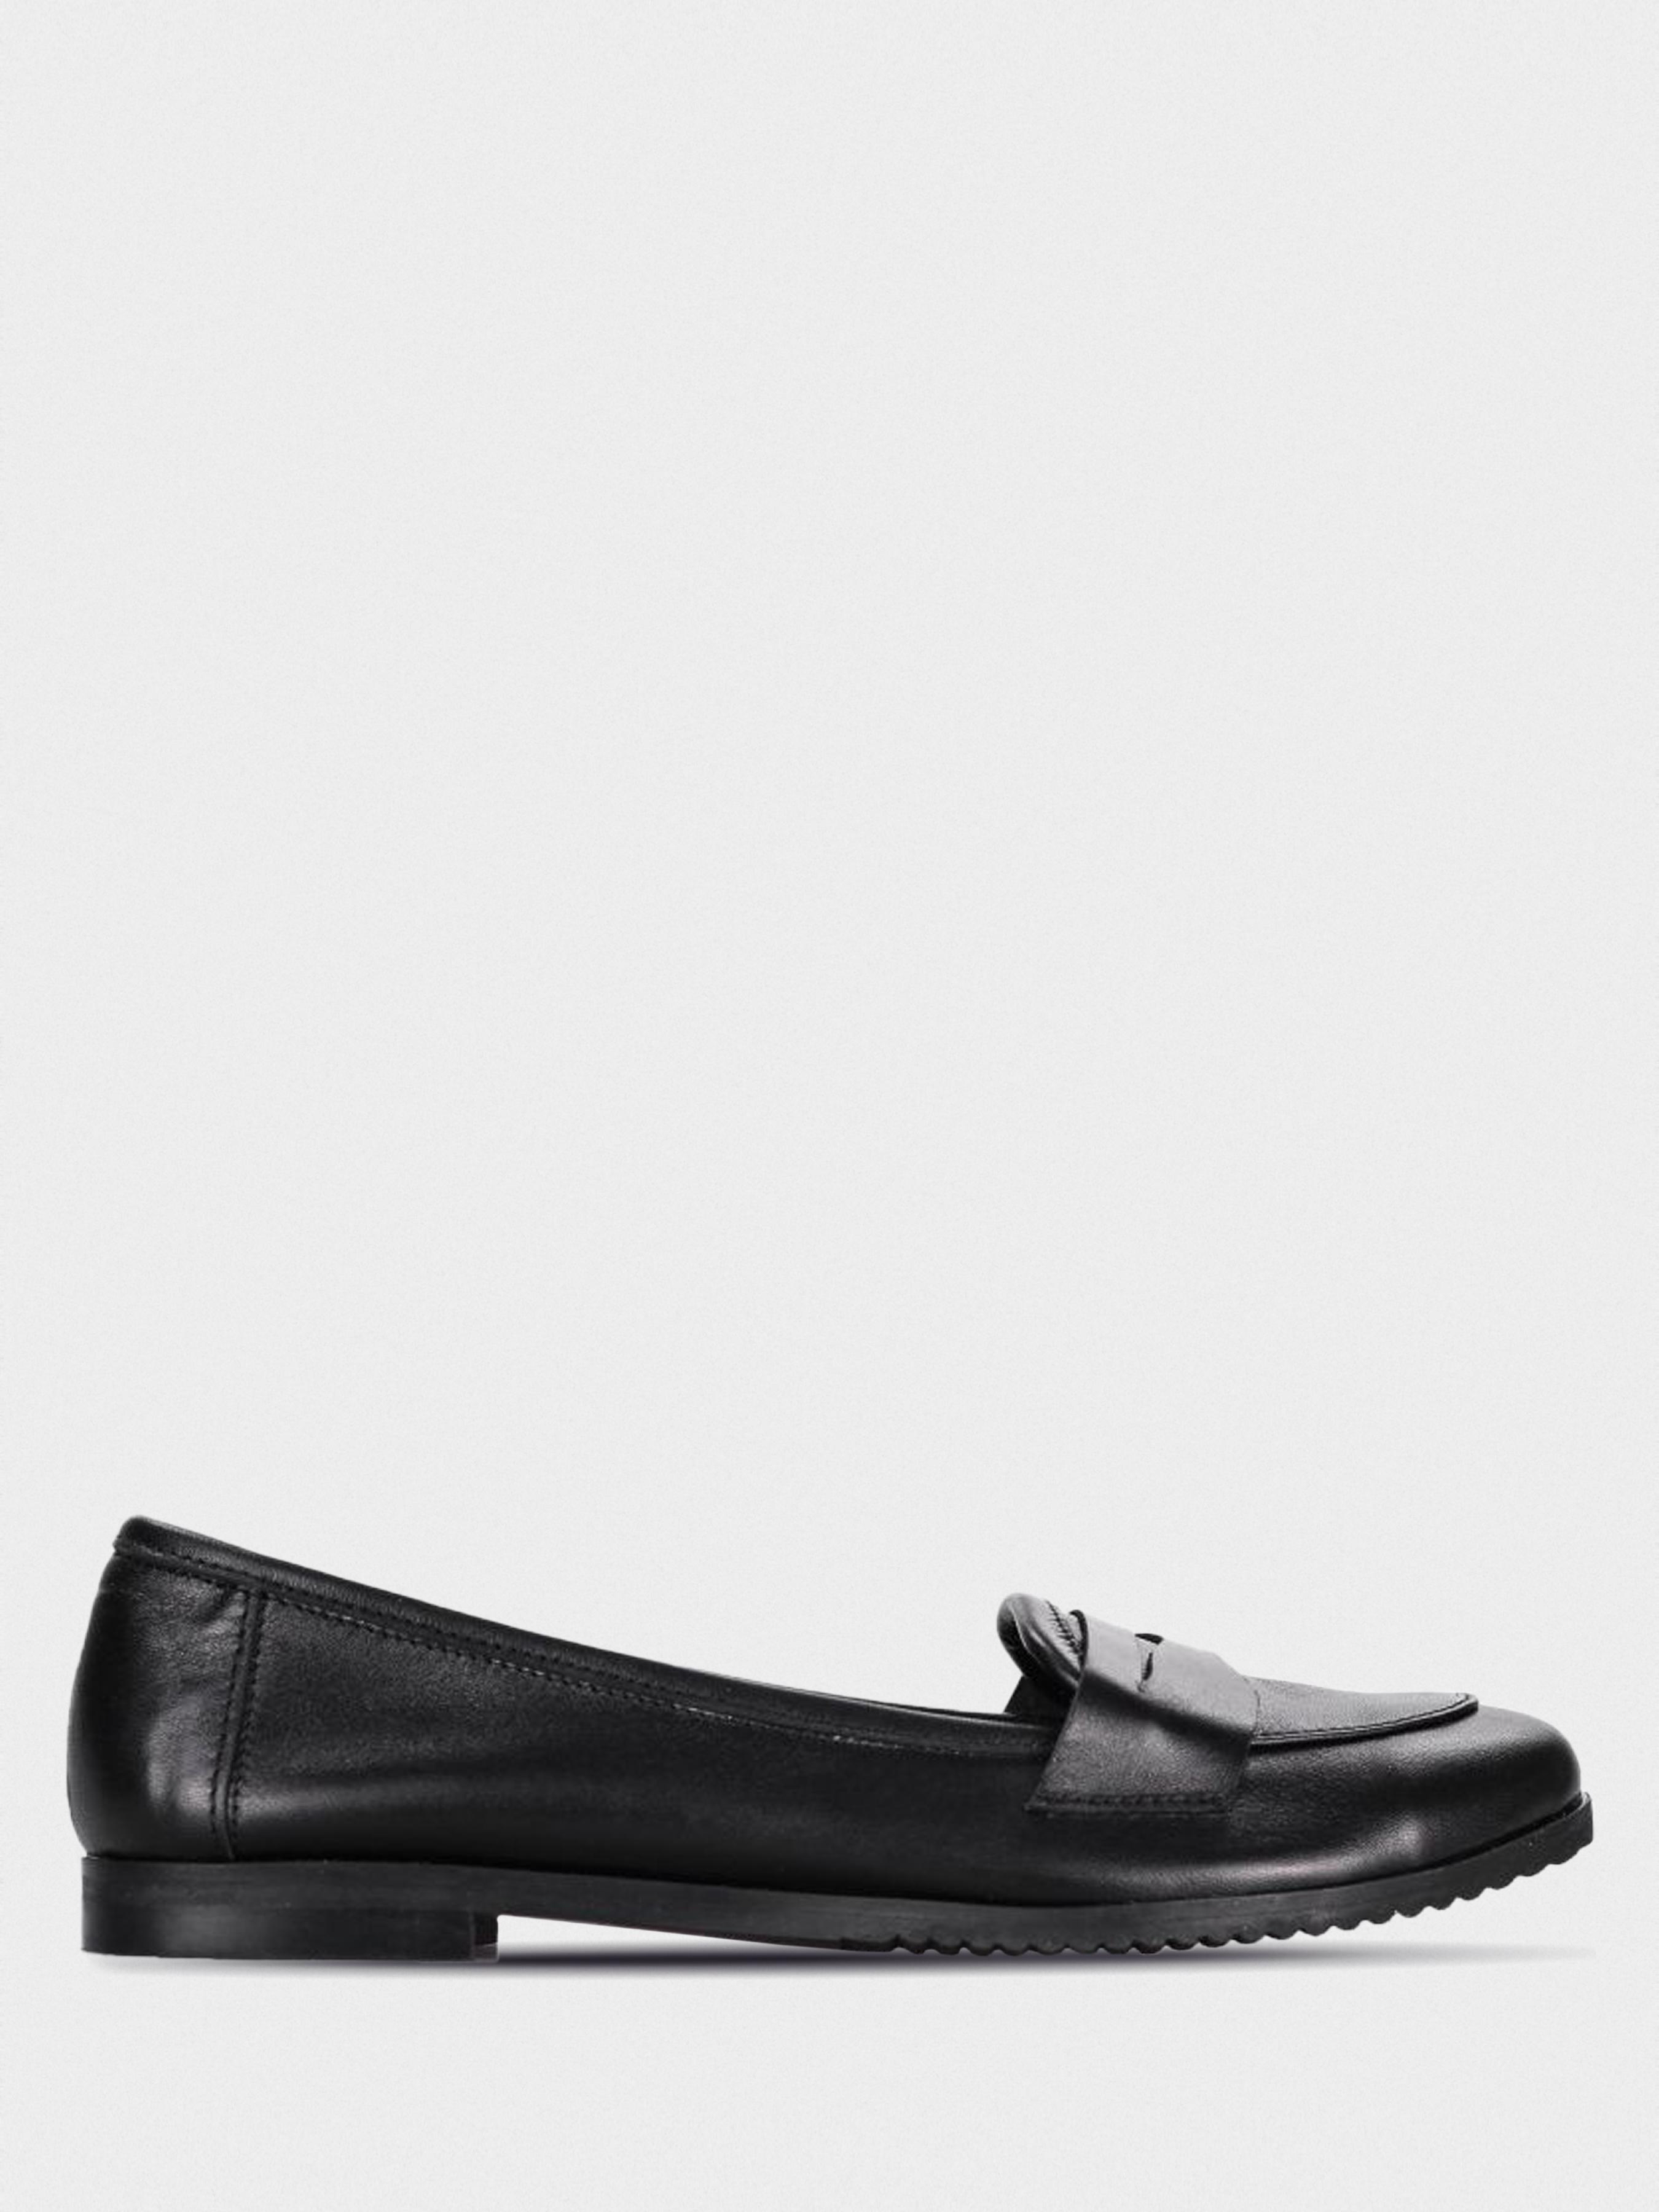 Купить Туфли женские MiO Parenti 8C36, Черный